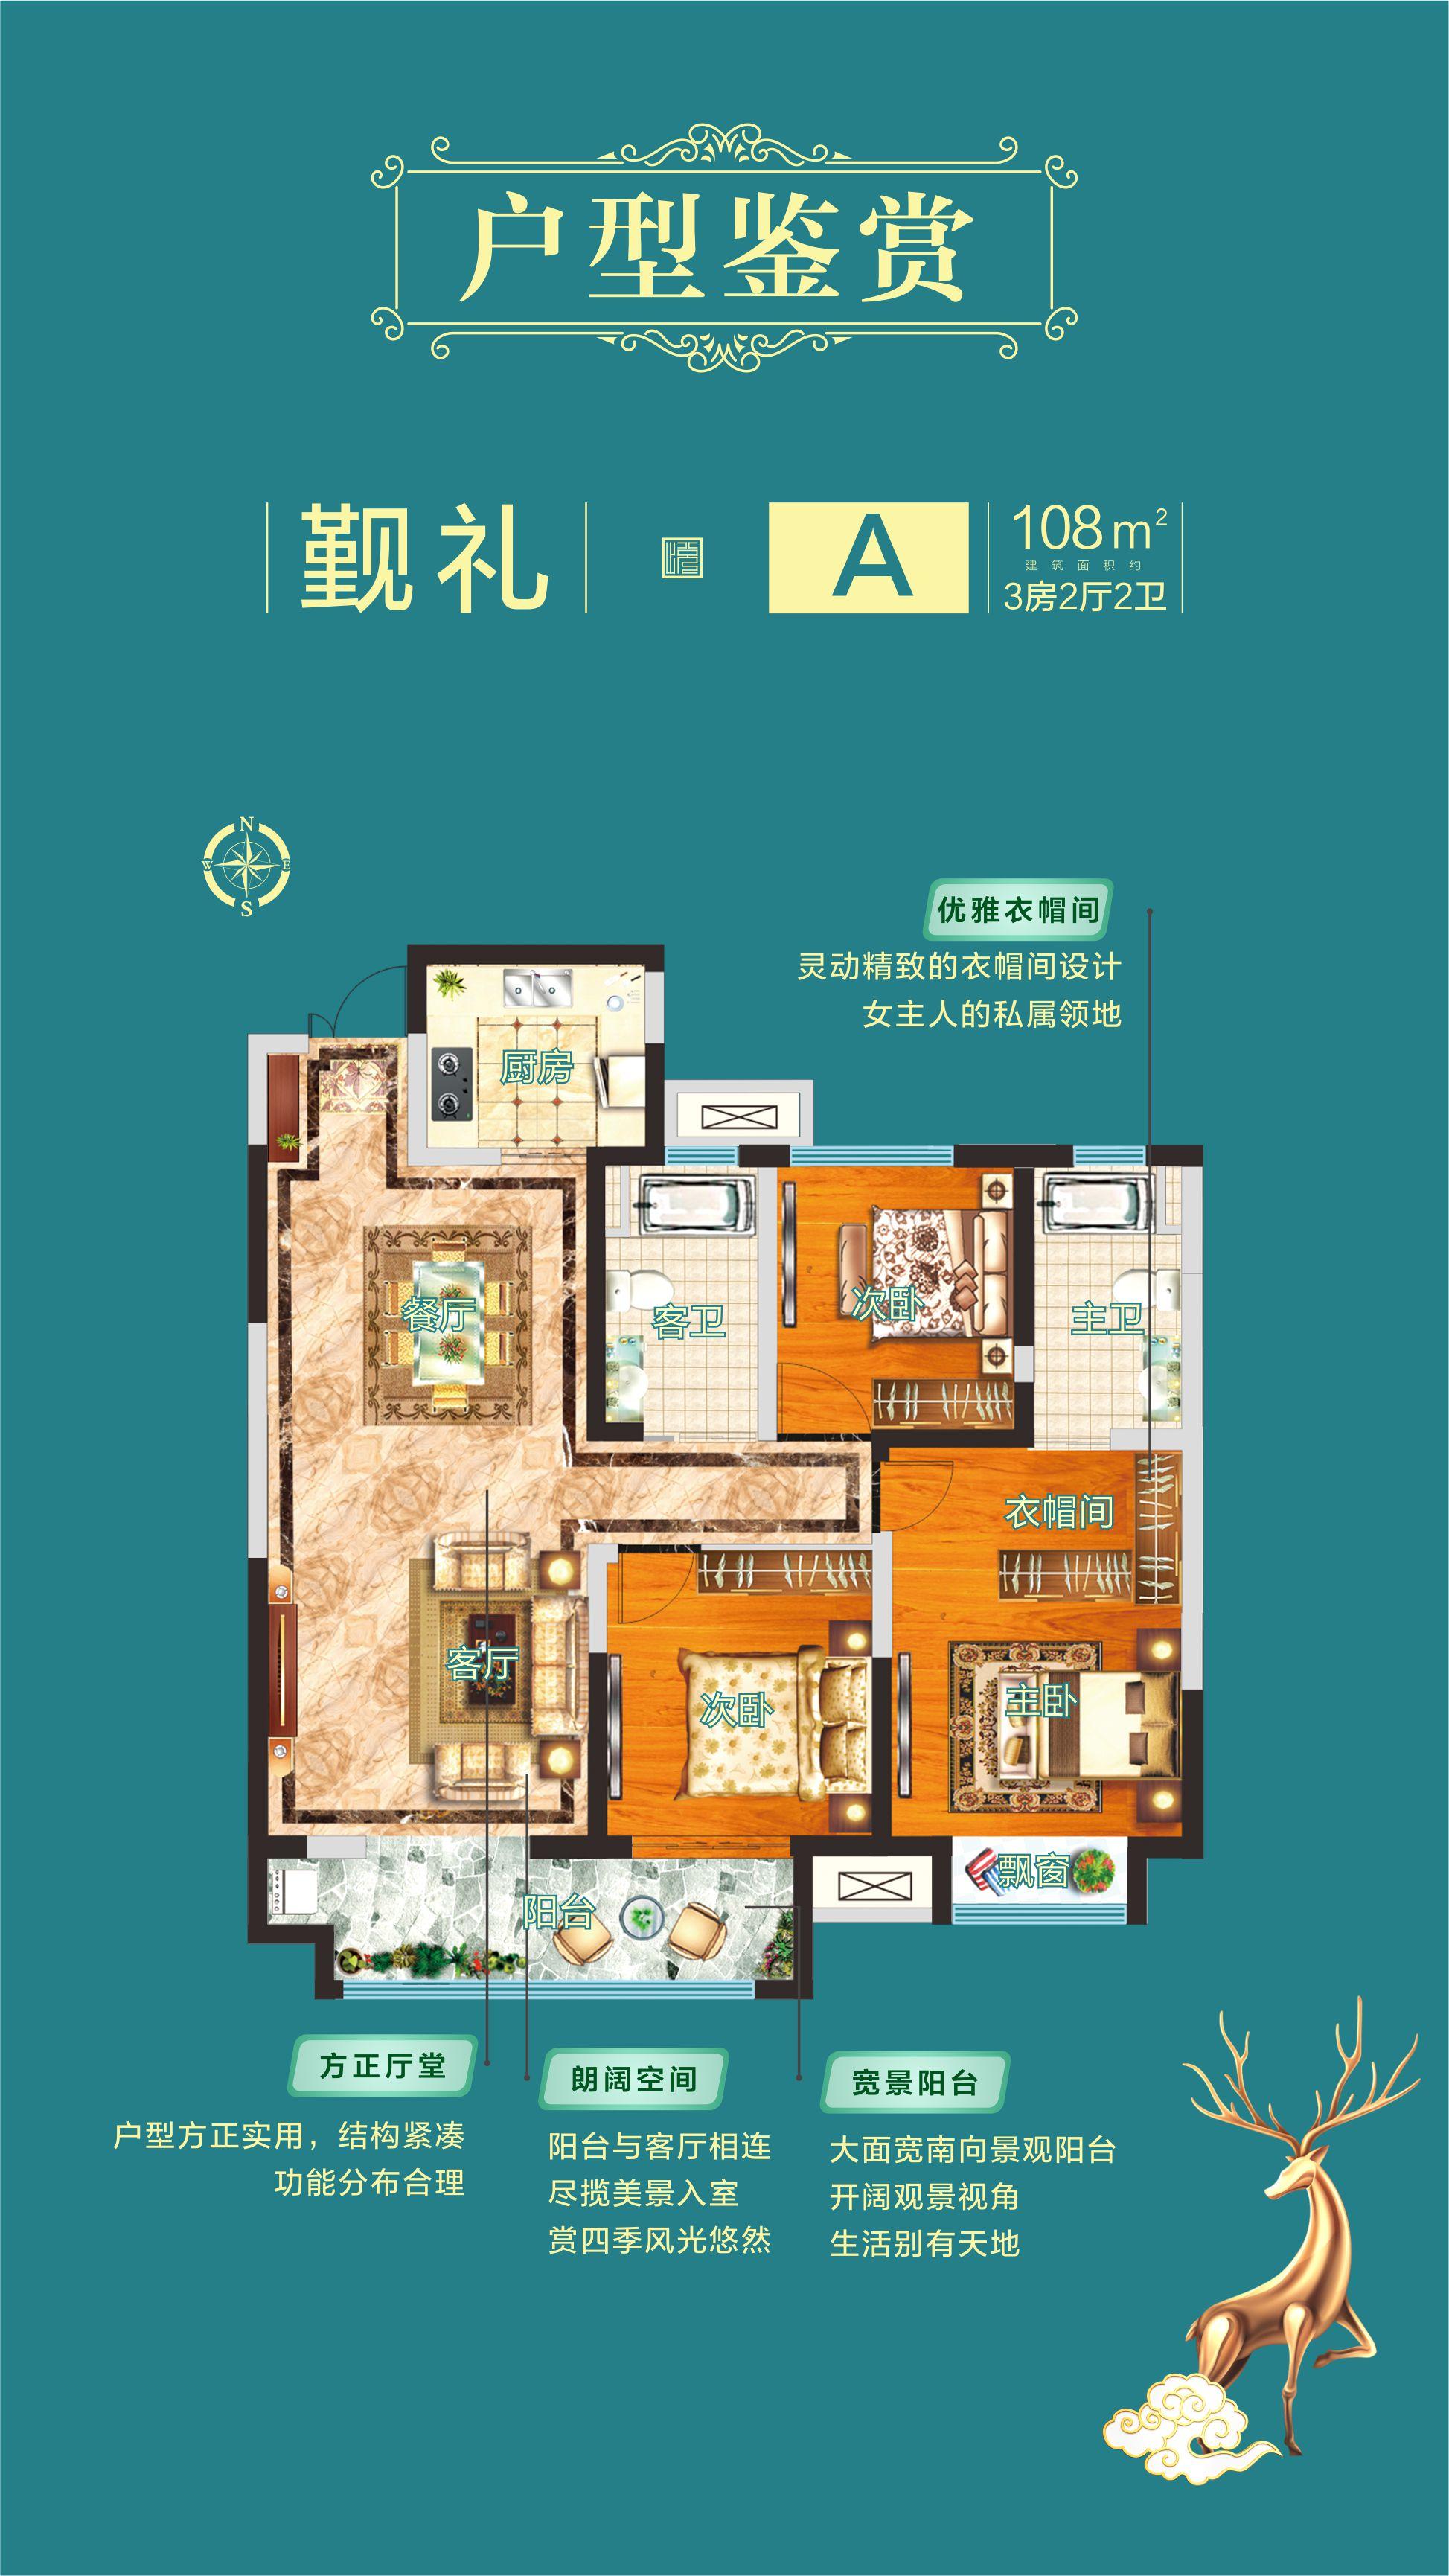 嘉圆·悦湖居的户型图